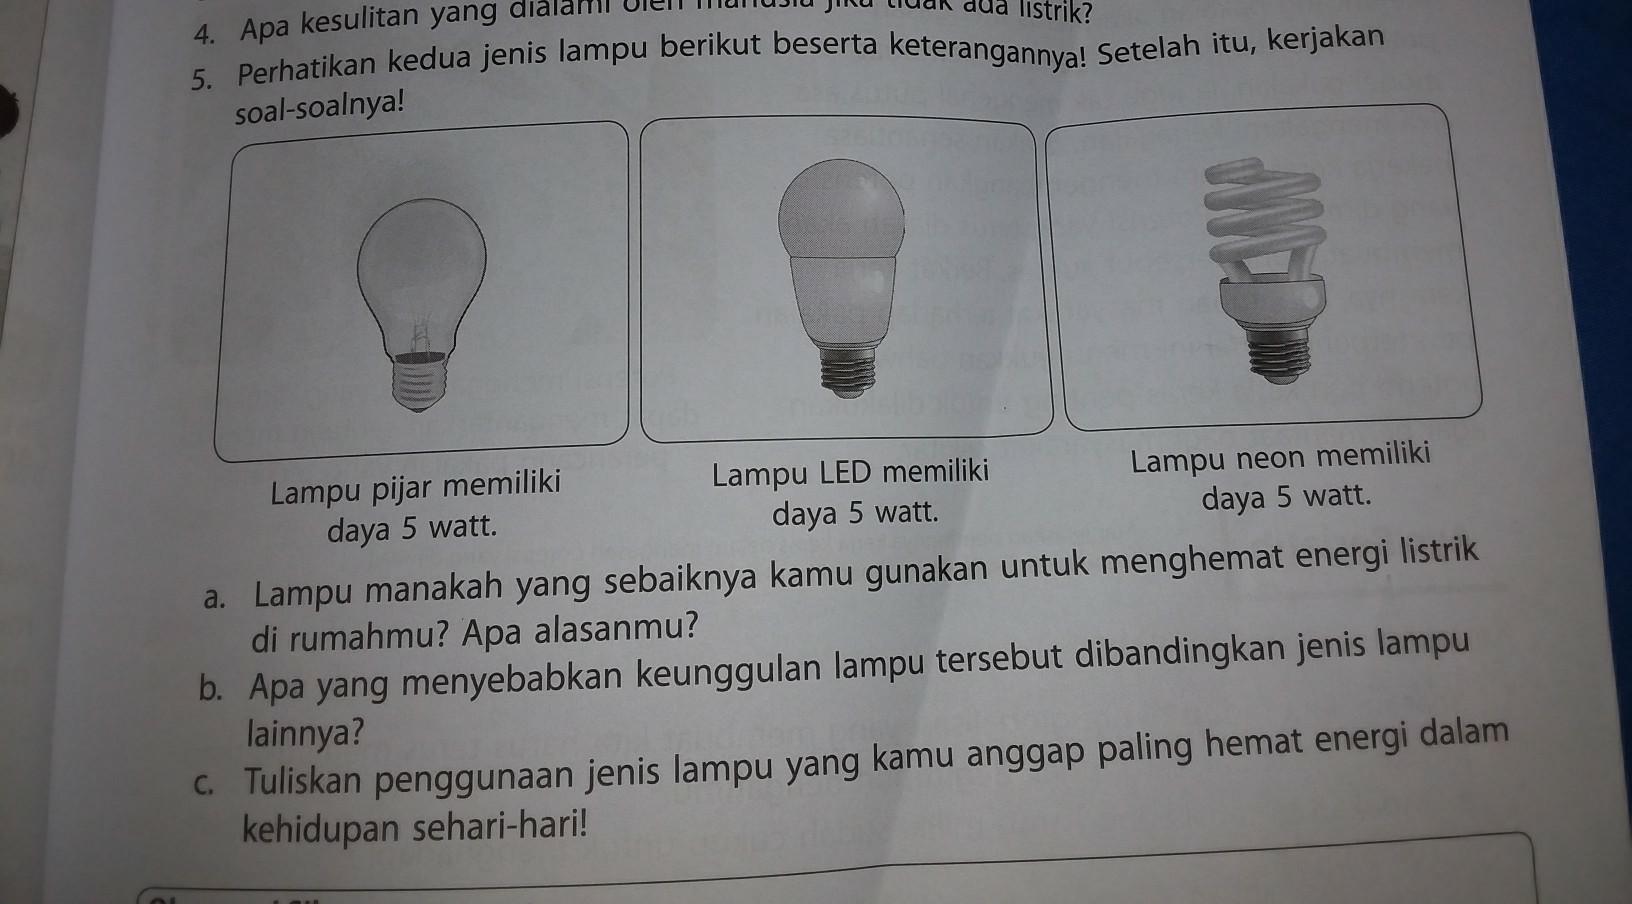 Alat Listrik Yang Paling Hemat Energi Adalah Berbagai Alat